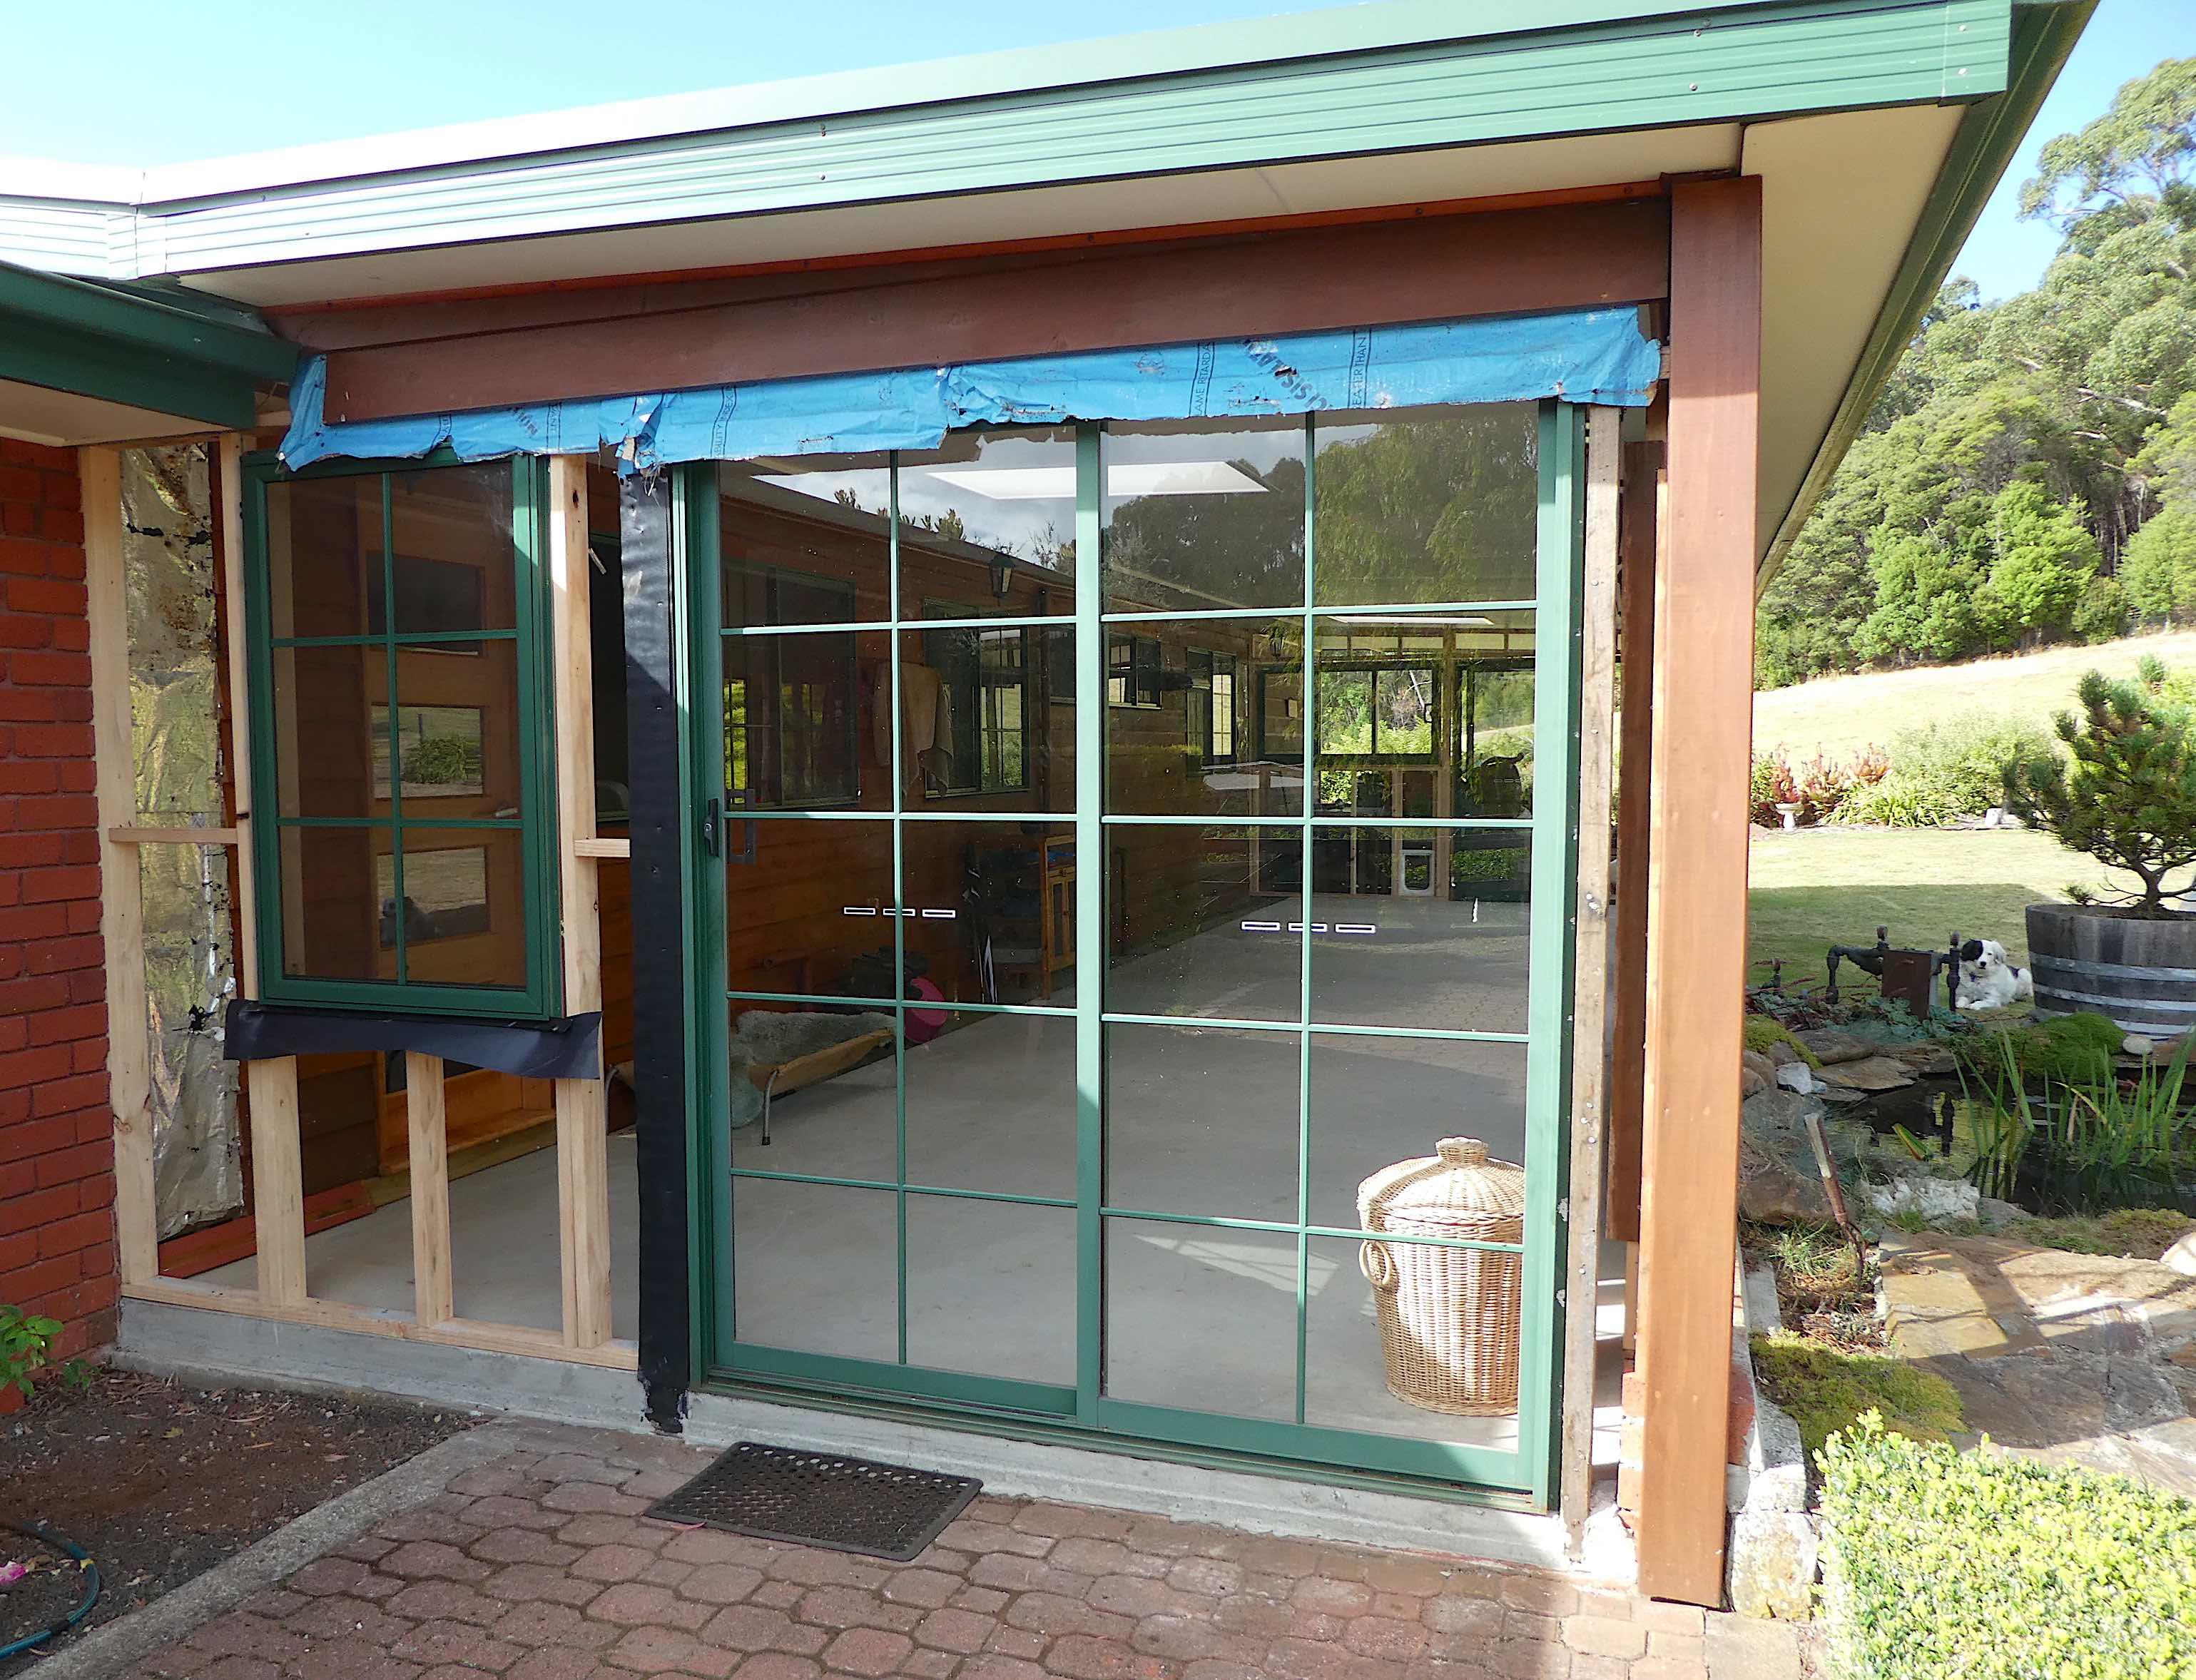 16.new window, old sliding door